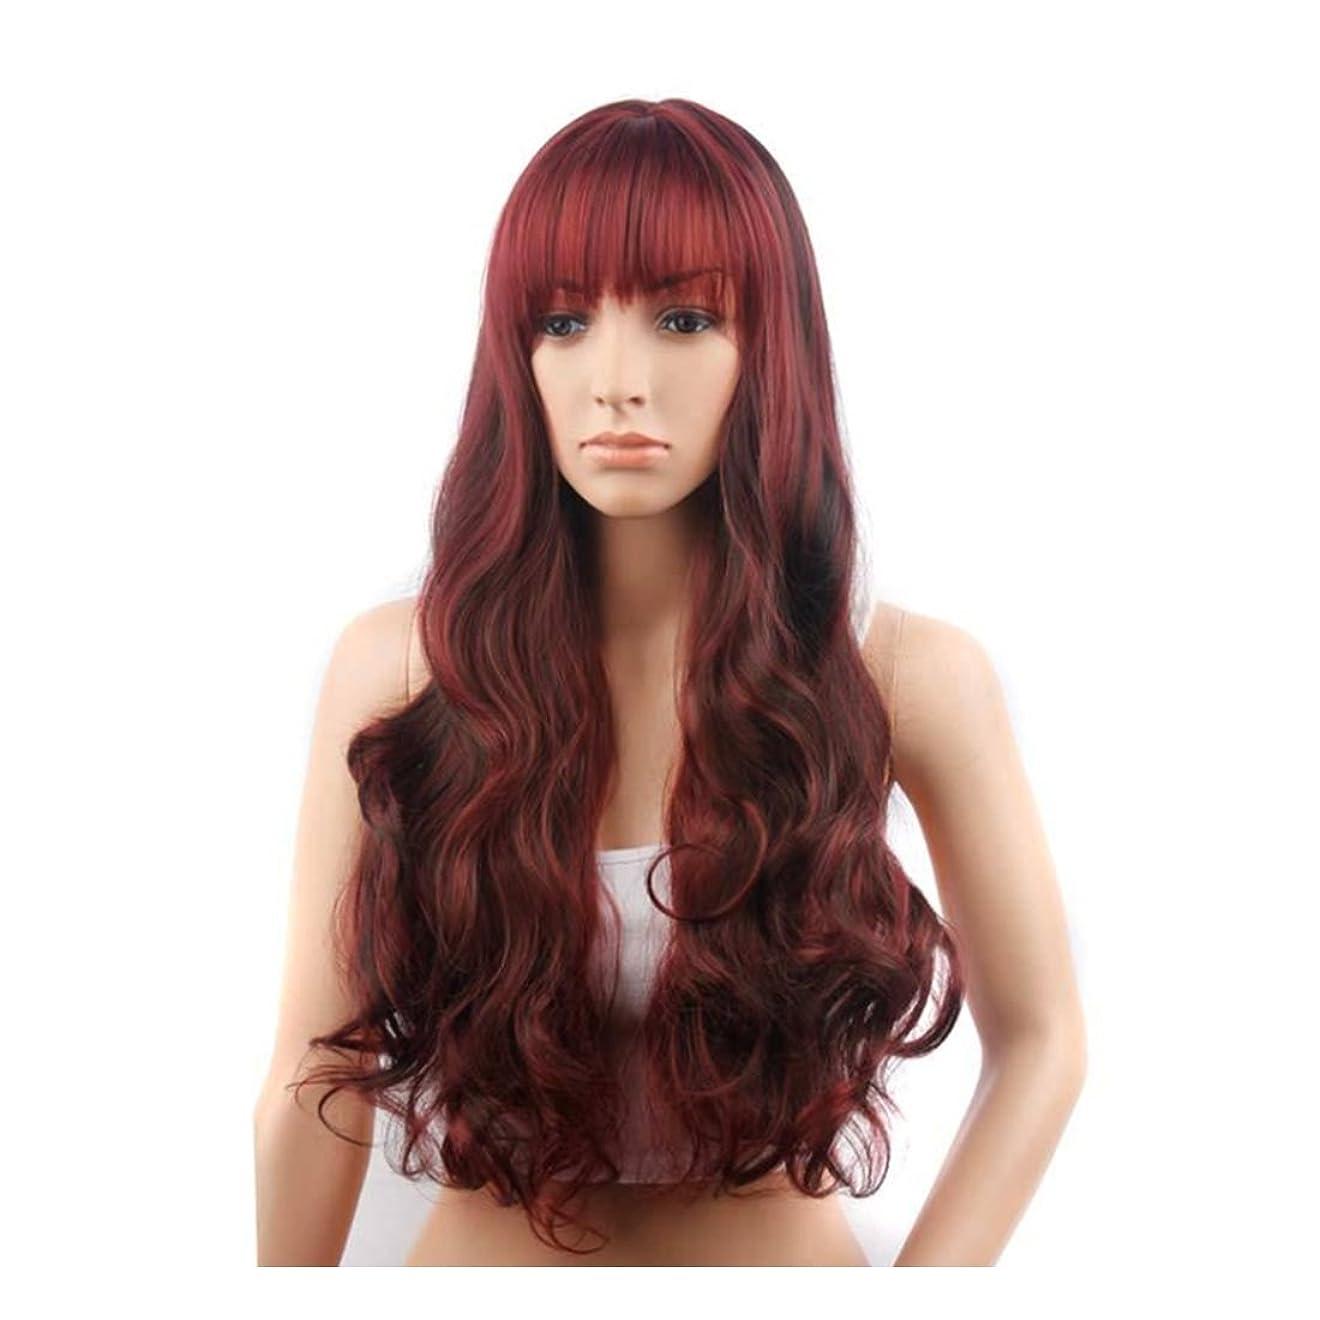 透明に不格好私たちのものKoloeplf 女性のための長いカーリーウィッグとトウモロコシフラットバンズとフェイスウィッグを変更25inchの長さのための髪の耐熱ウィッグ(ワインレッド) (Color : Wine red)